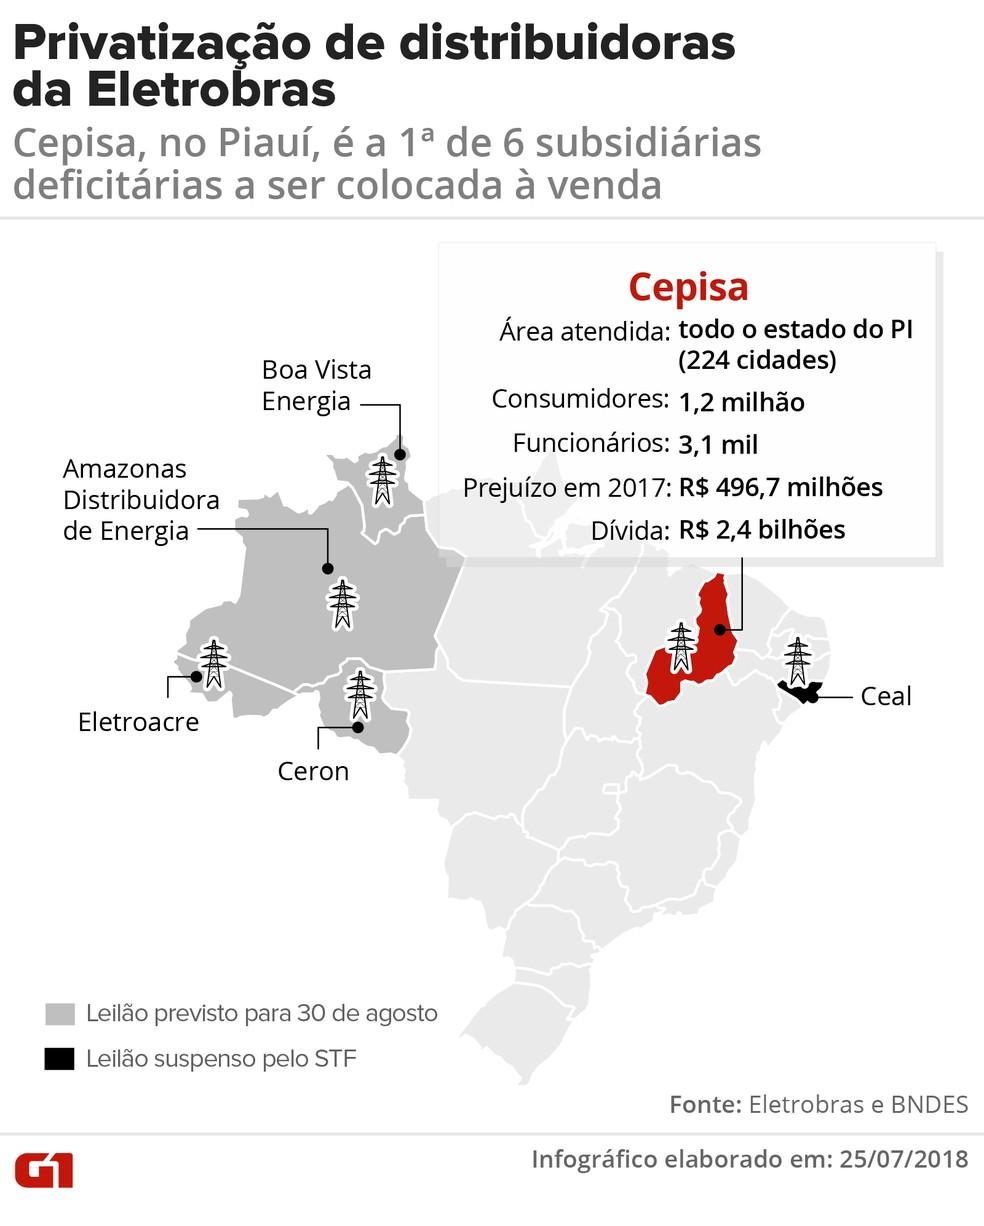 Cepisa é primeira distribuidora da Eletrobras a ser concedida à iniciativa privada (Foto: Karina Almeida/Arte G1)